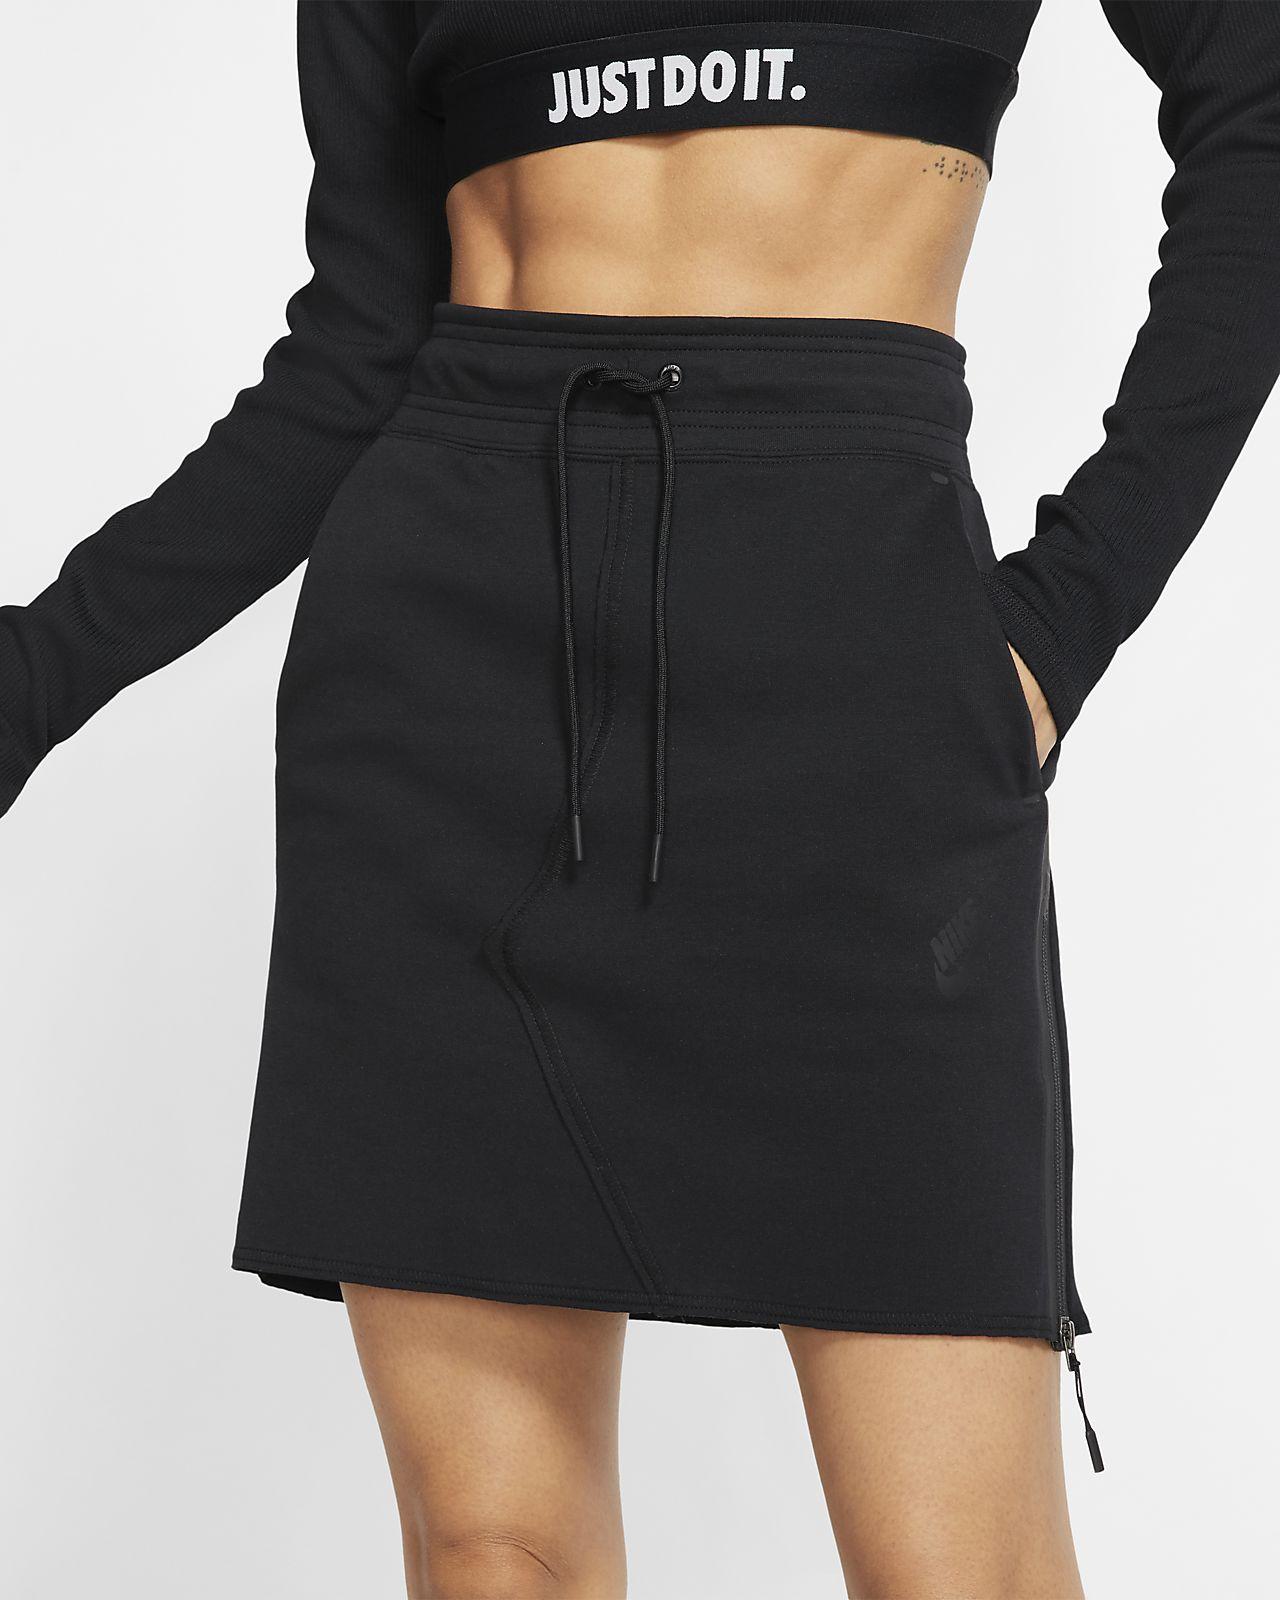 Nike Sportswear Tech Fleece 女子短裙